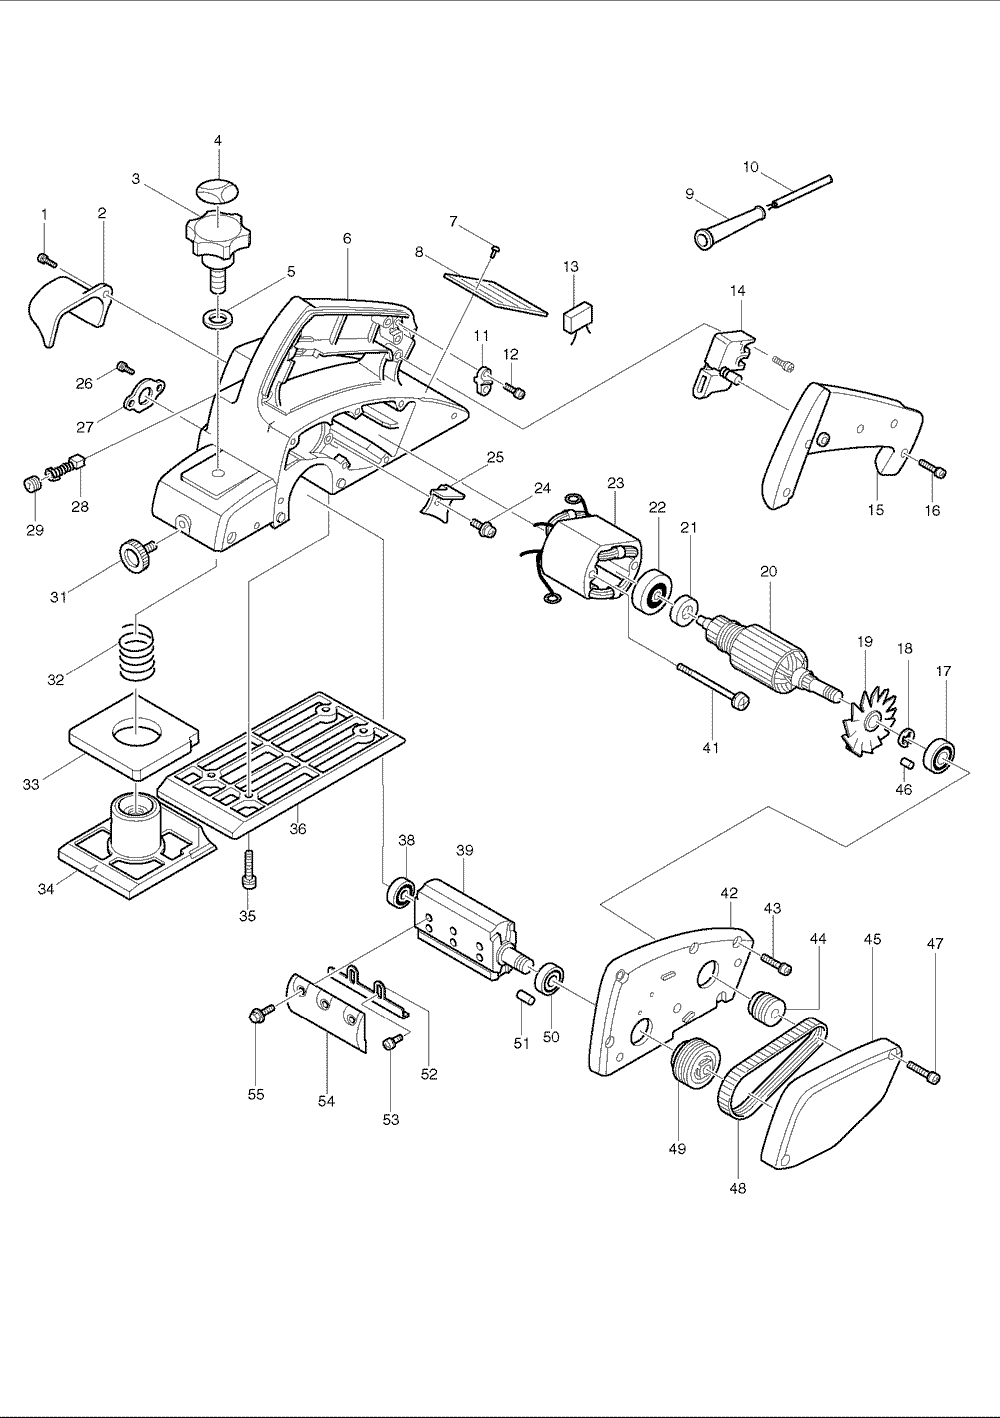 Jet planer wiring diagram